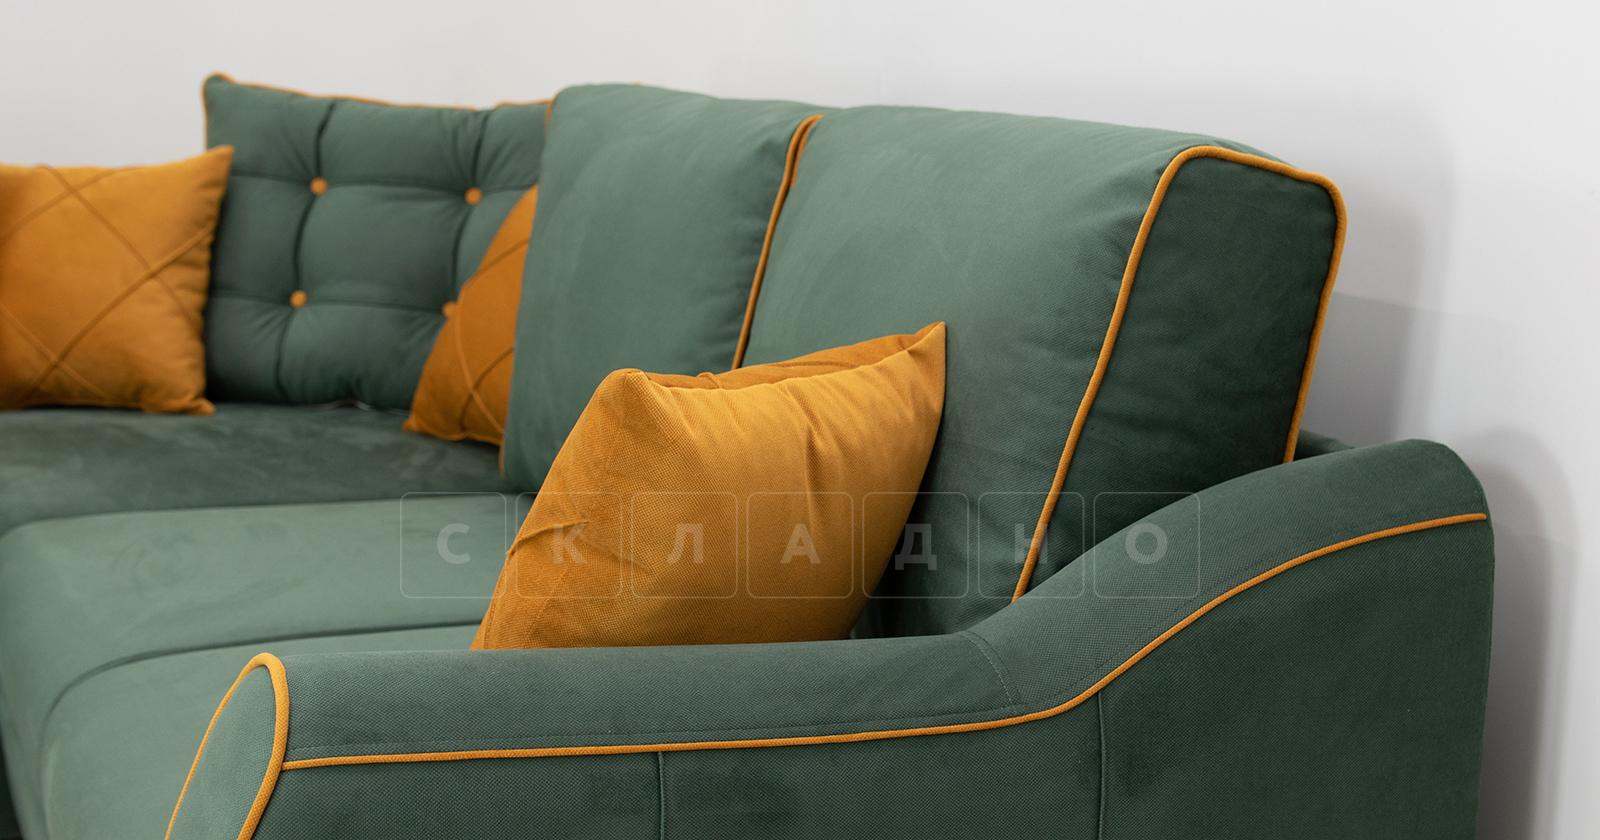 Диван-кровать угловой Флэтфорд нефритовый зеленый фото 14 | интернет-магазин Складно